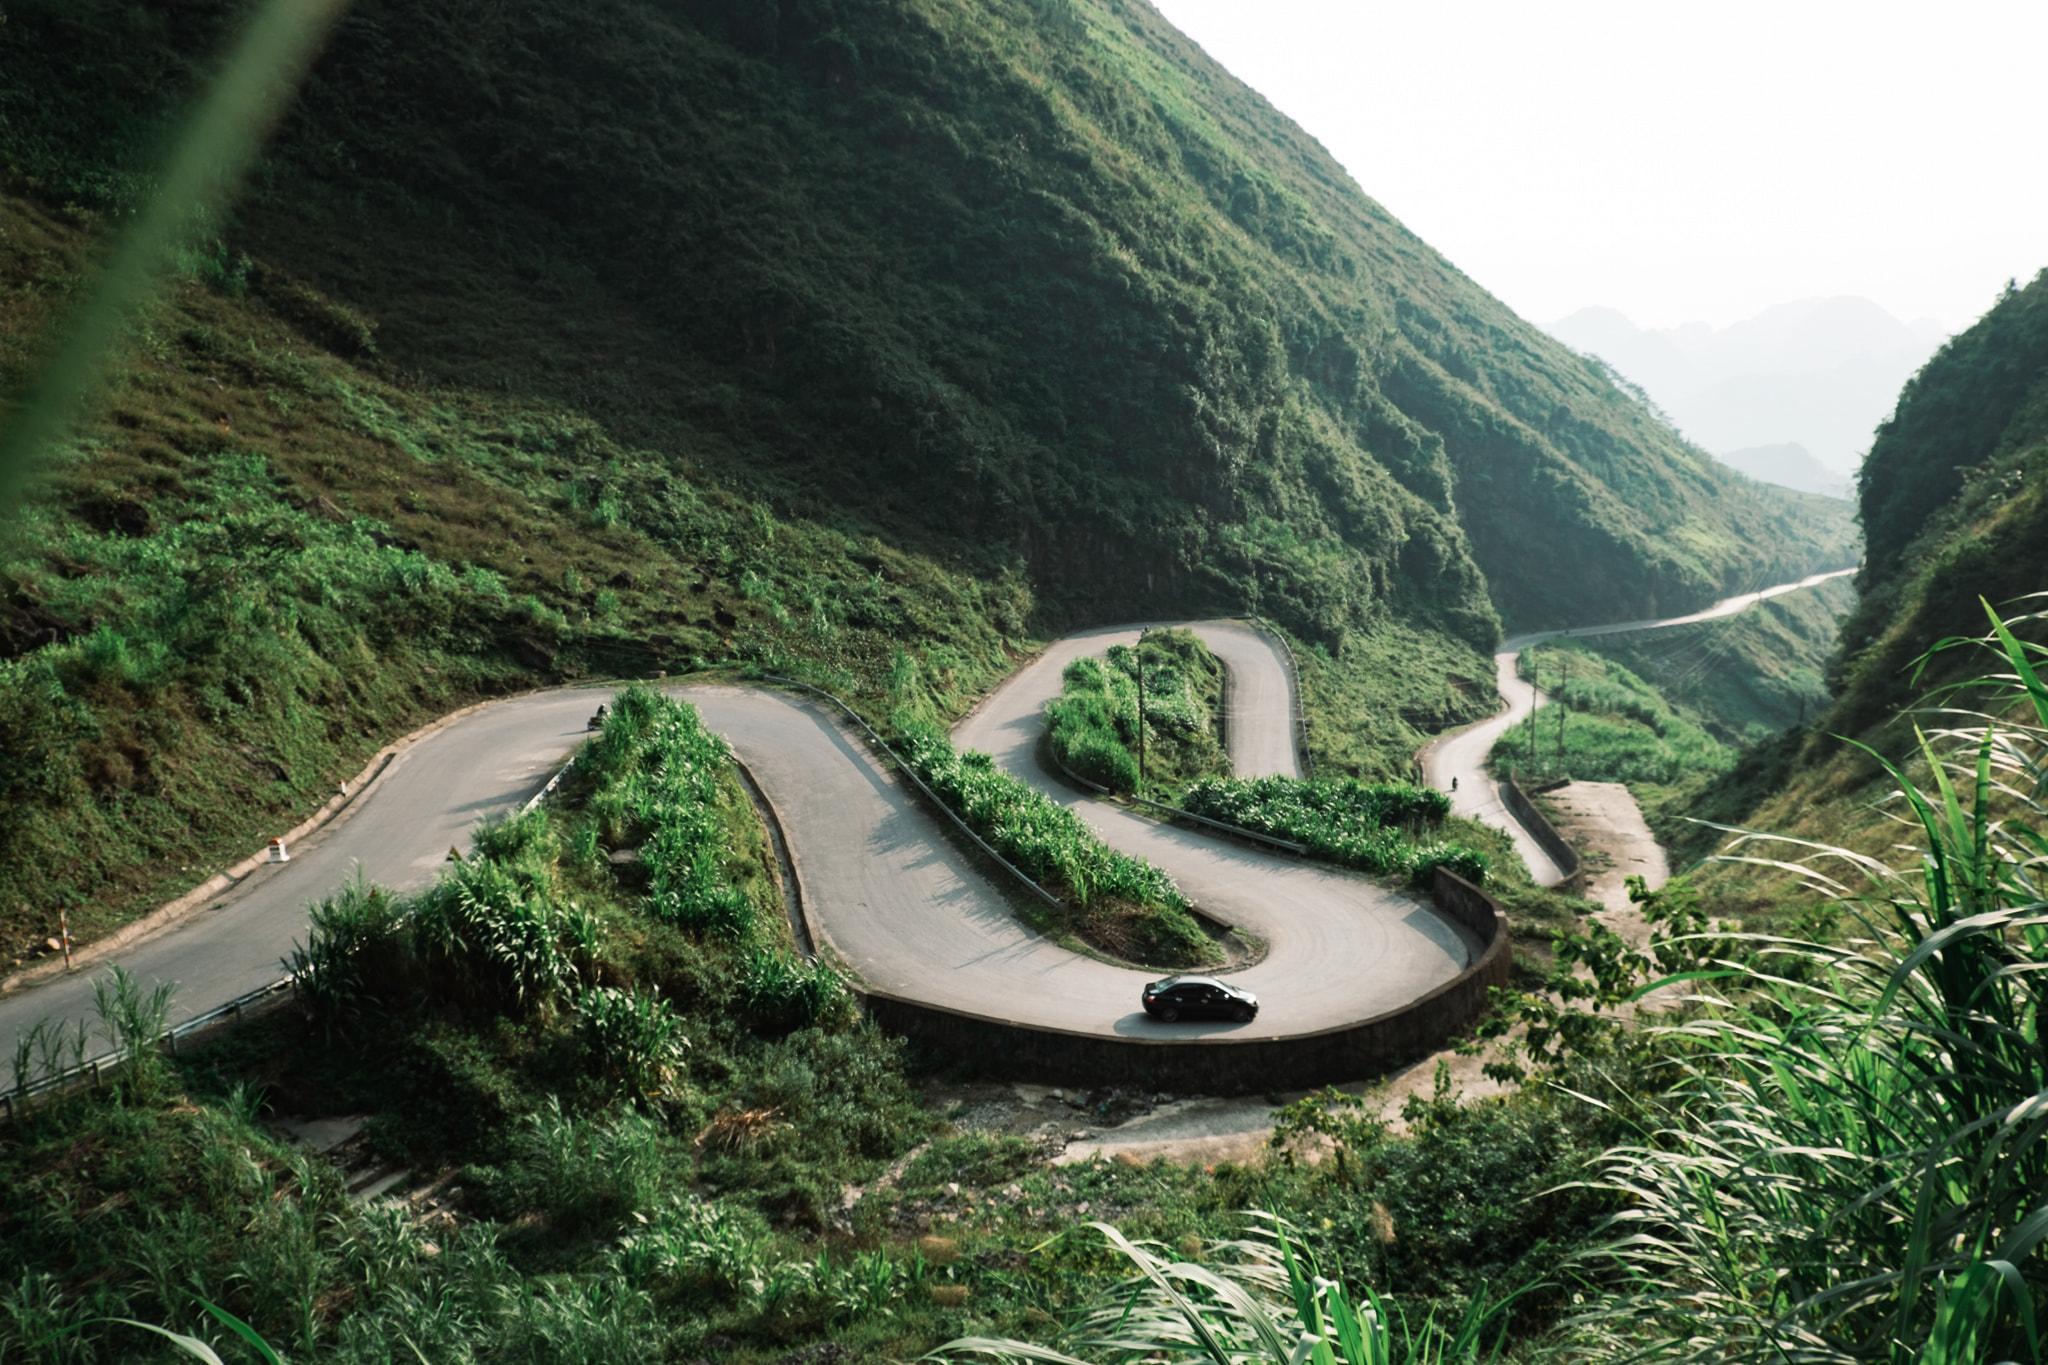 Khám phá Mã Pí Lèng, một trong 'tứ đại đỉnh đèo' của Việt Nam  - Ảnh 1.